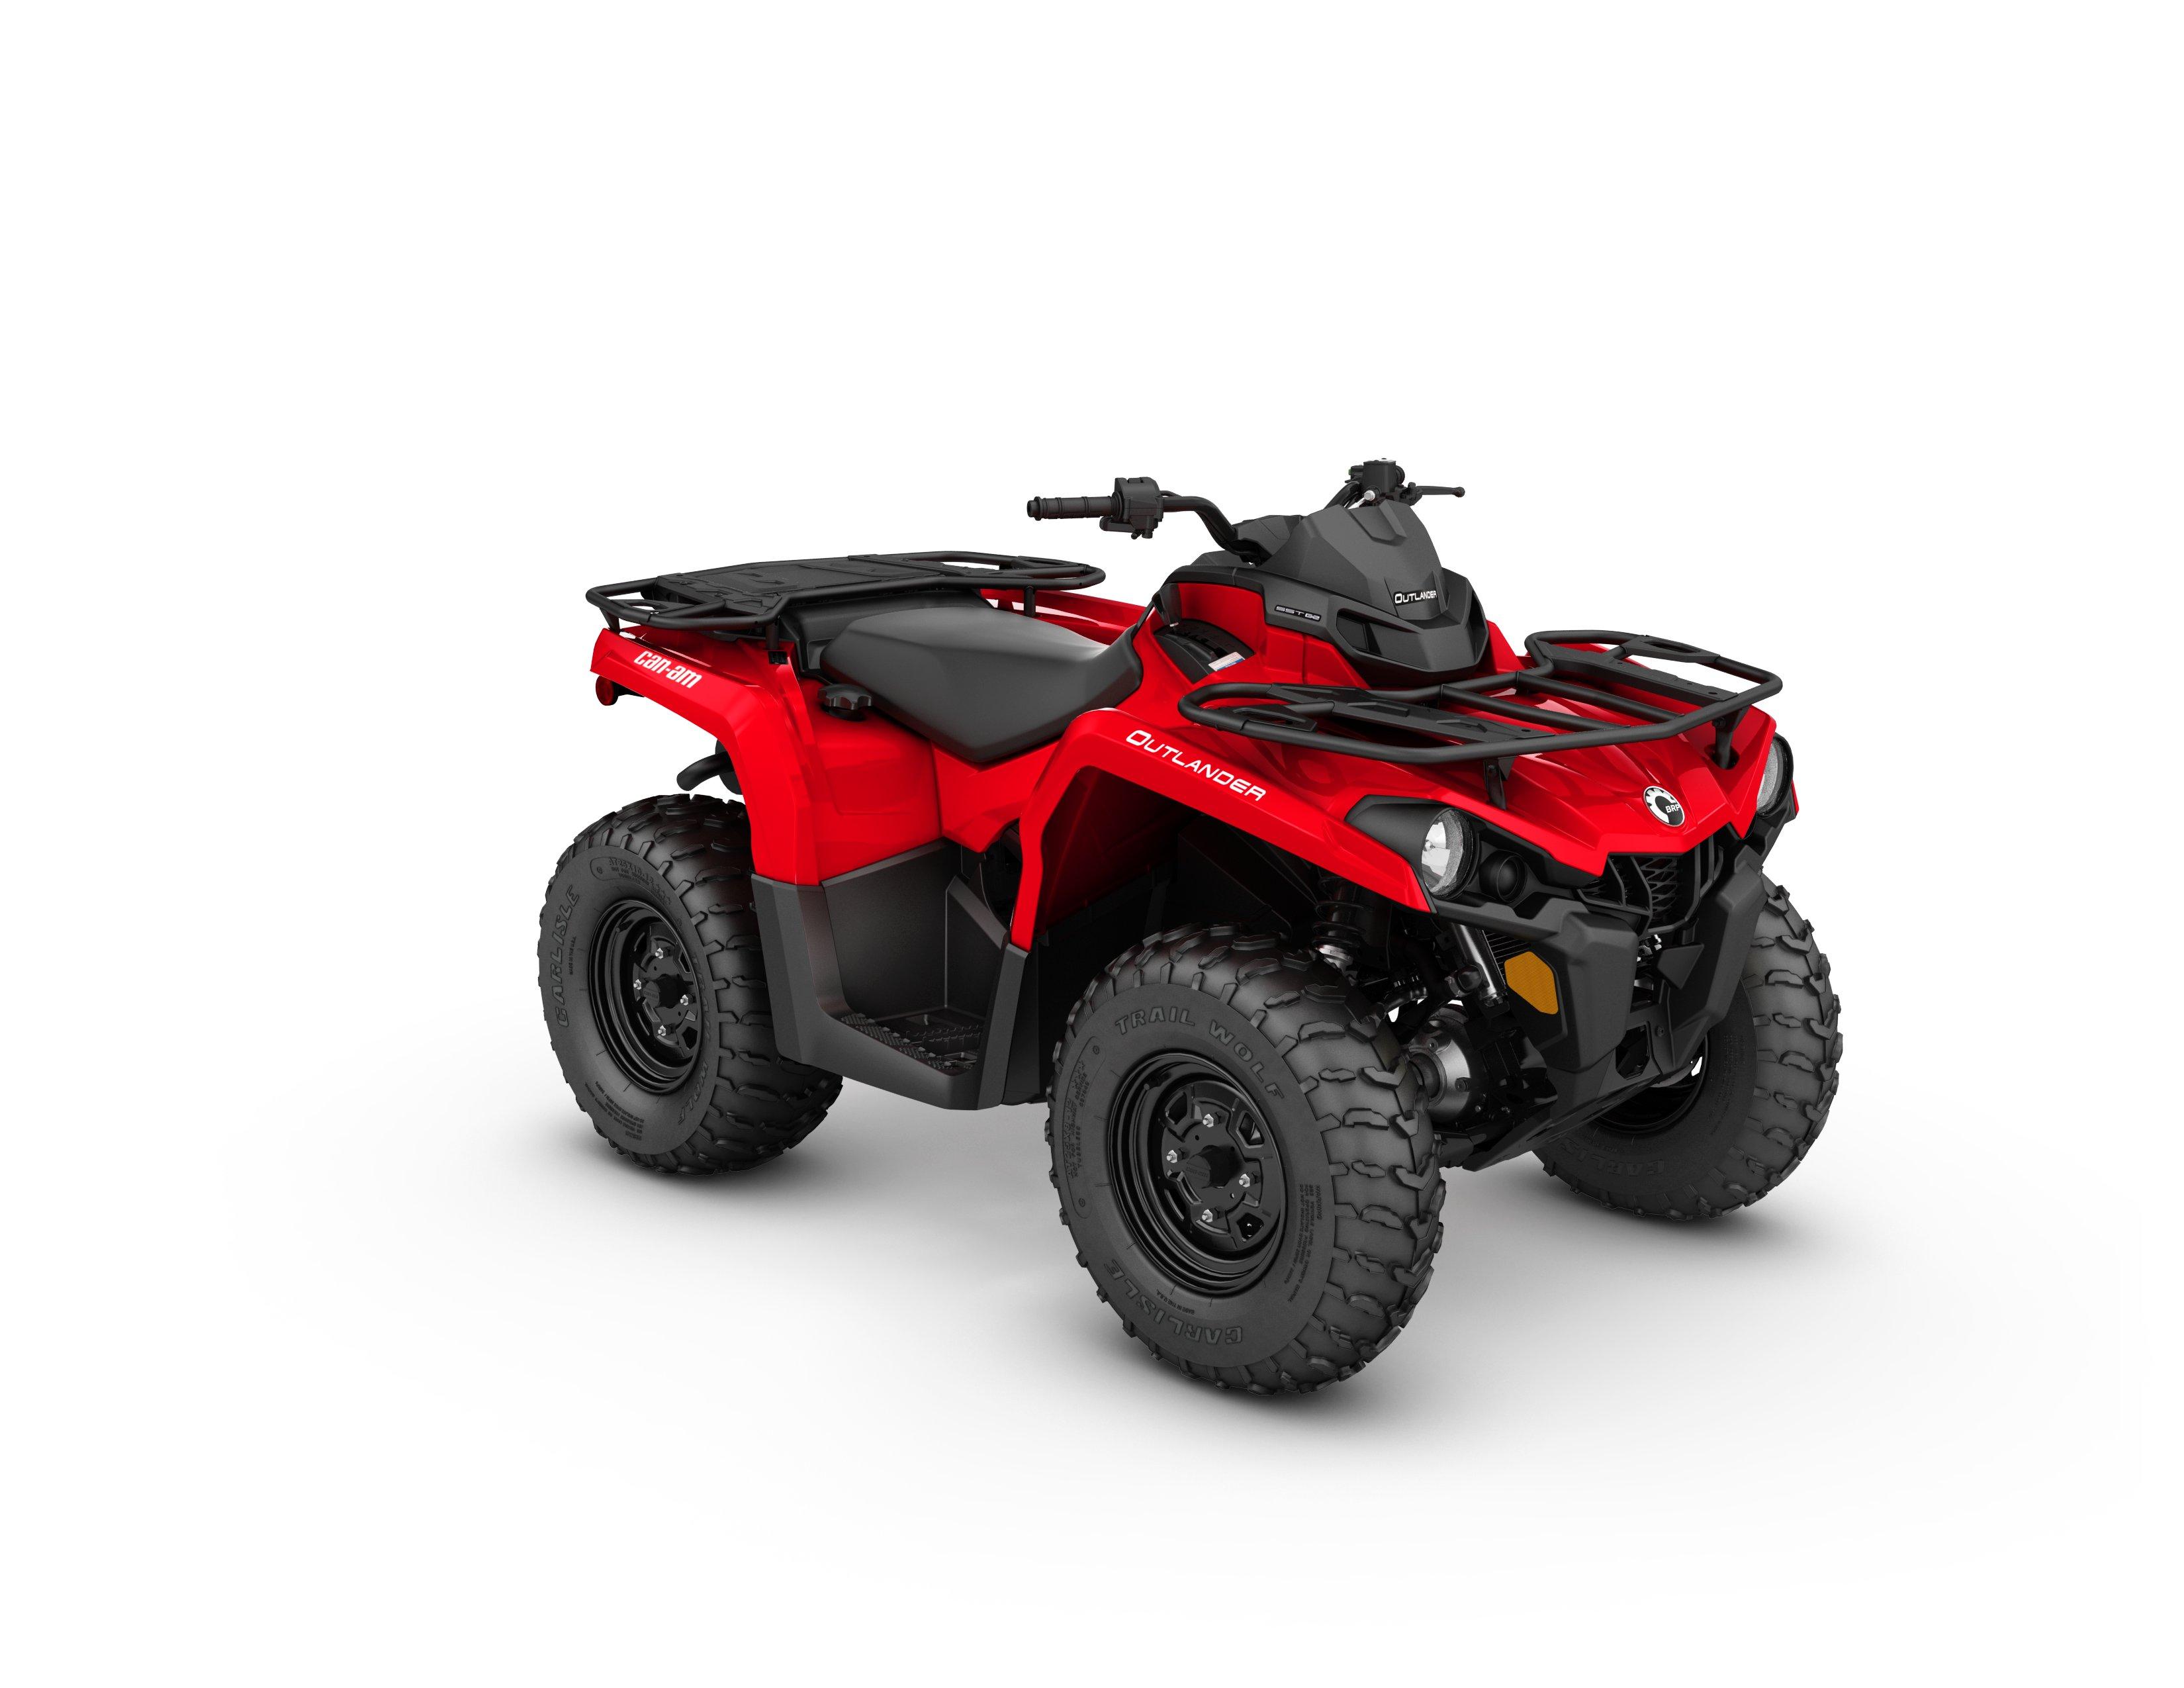 2017-outlander-base-450-viper-red_3-4-front